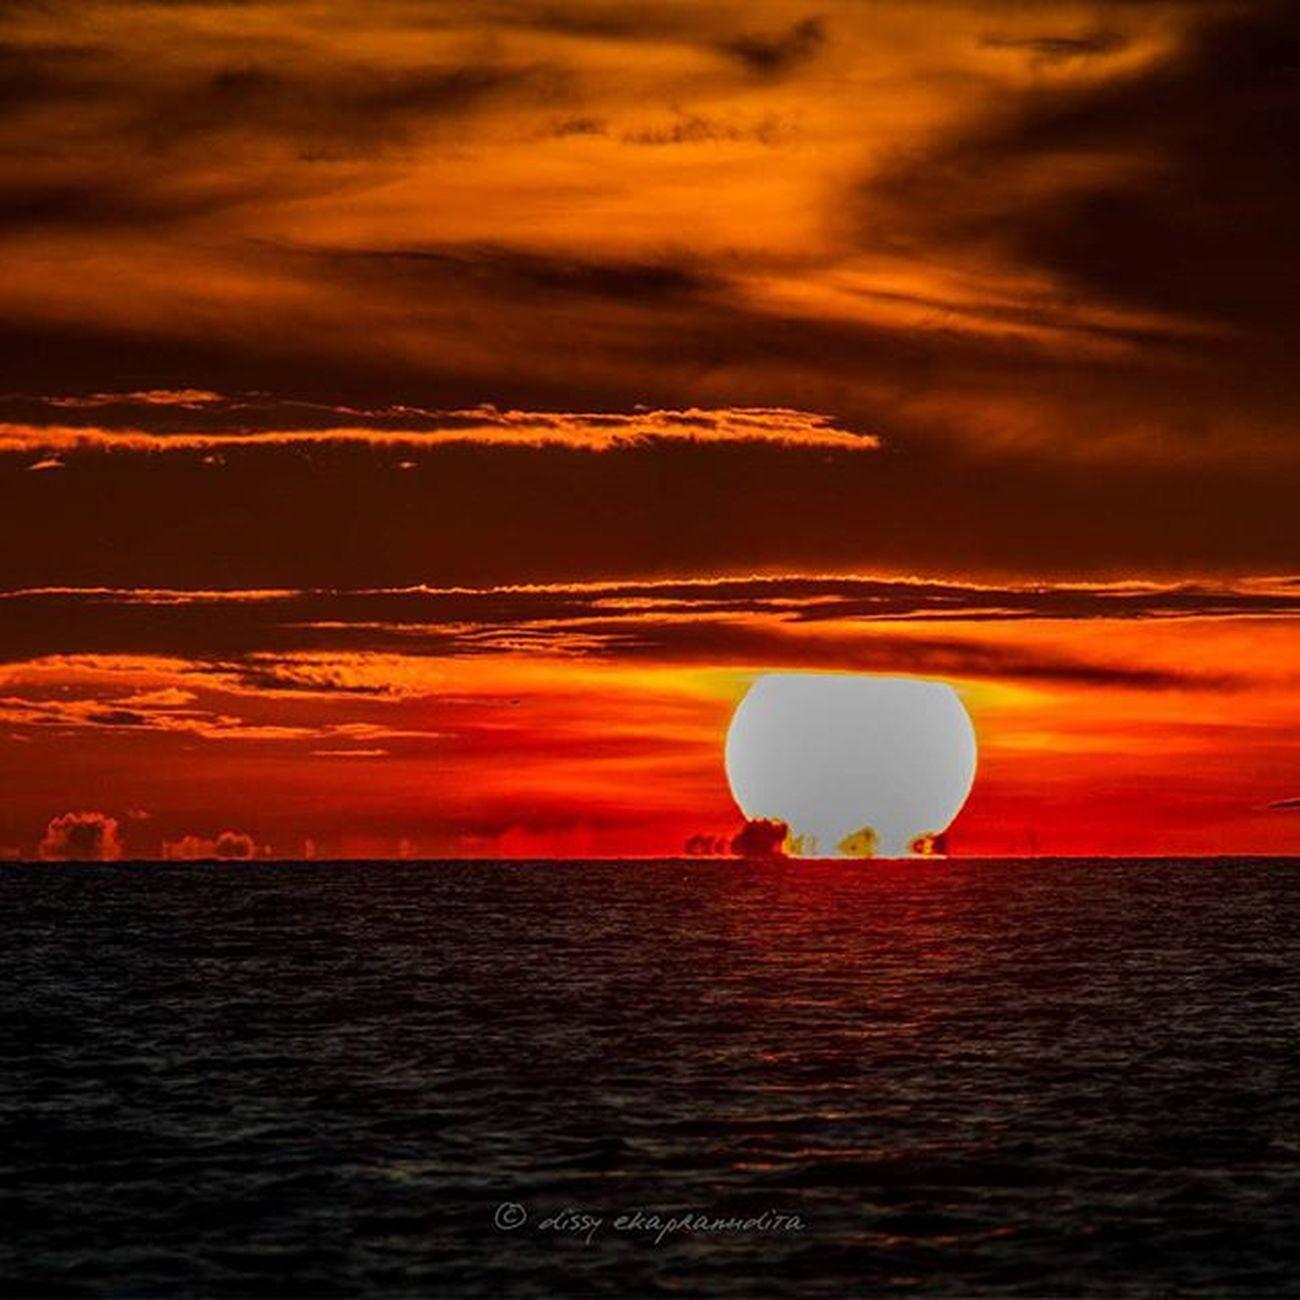 Dawn Sunset Sun Rajaampat Papua INDONESIA 1000kata Nature Natgeotravel Asiangeographic Instalike Instagram Instapic Instagood Photooftheday Indonesiaplayground Indonesiaparadise